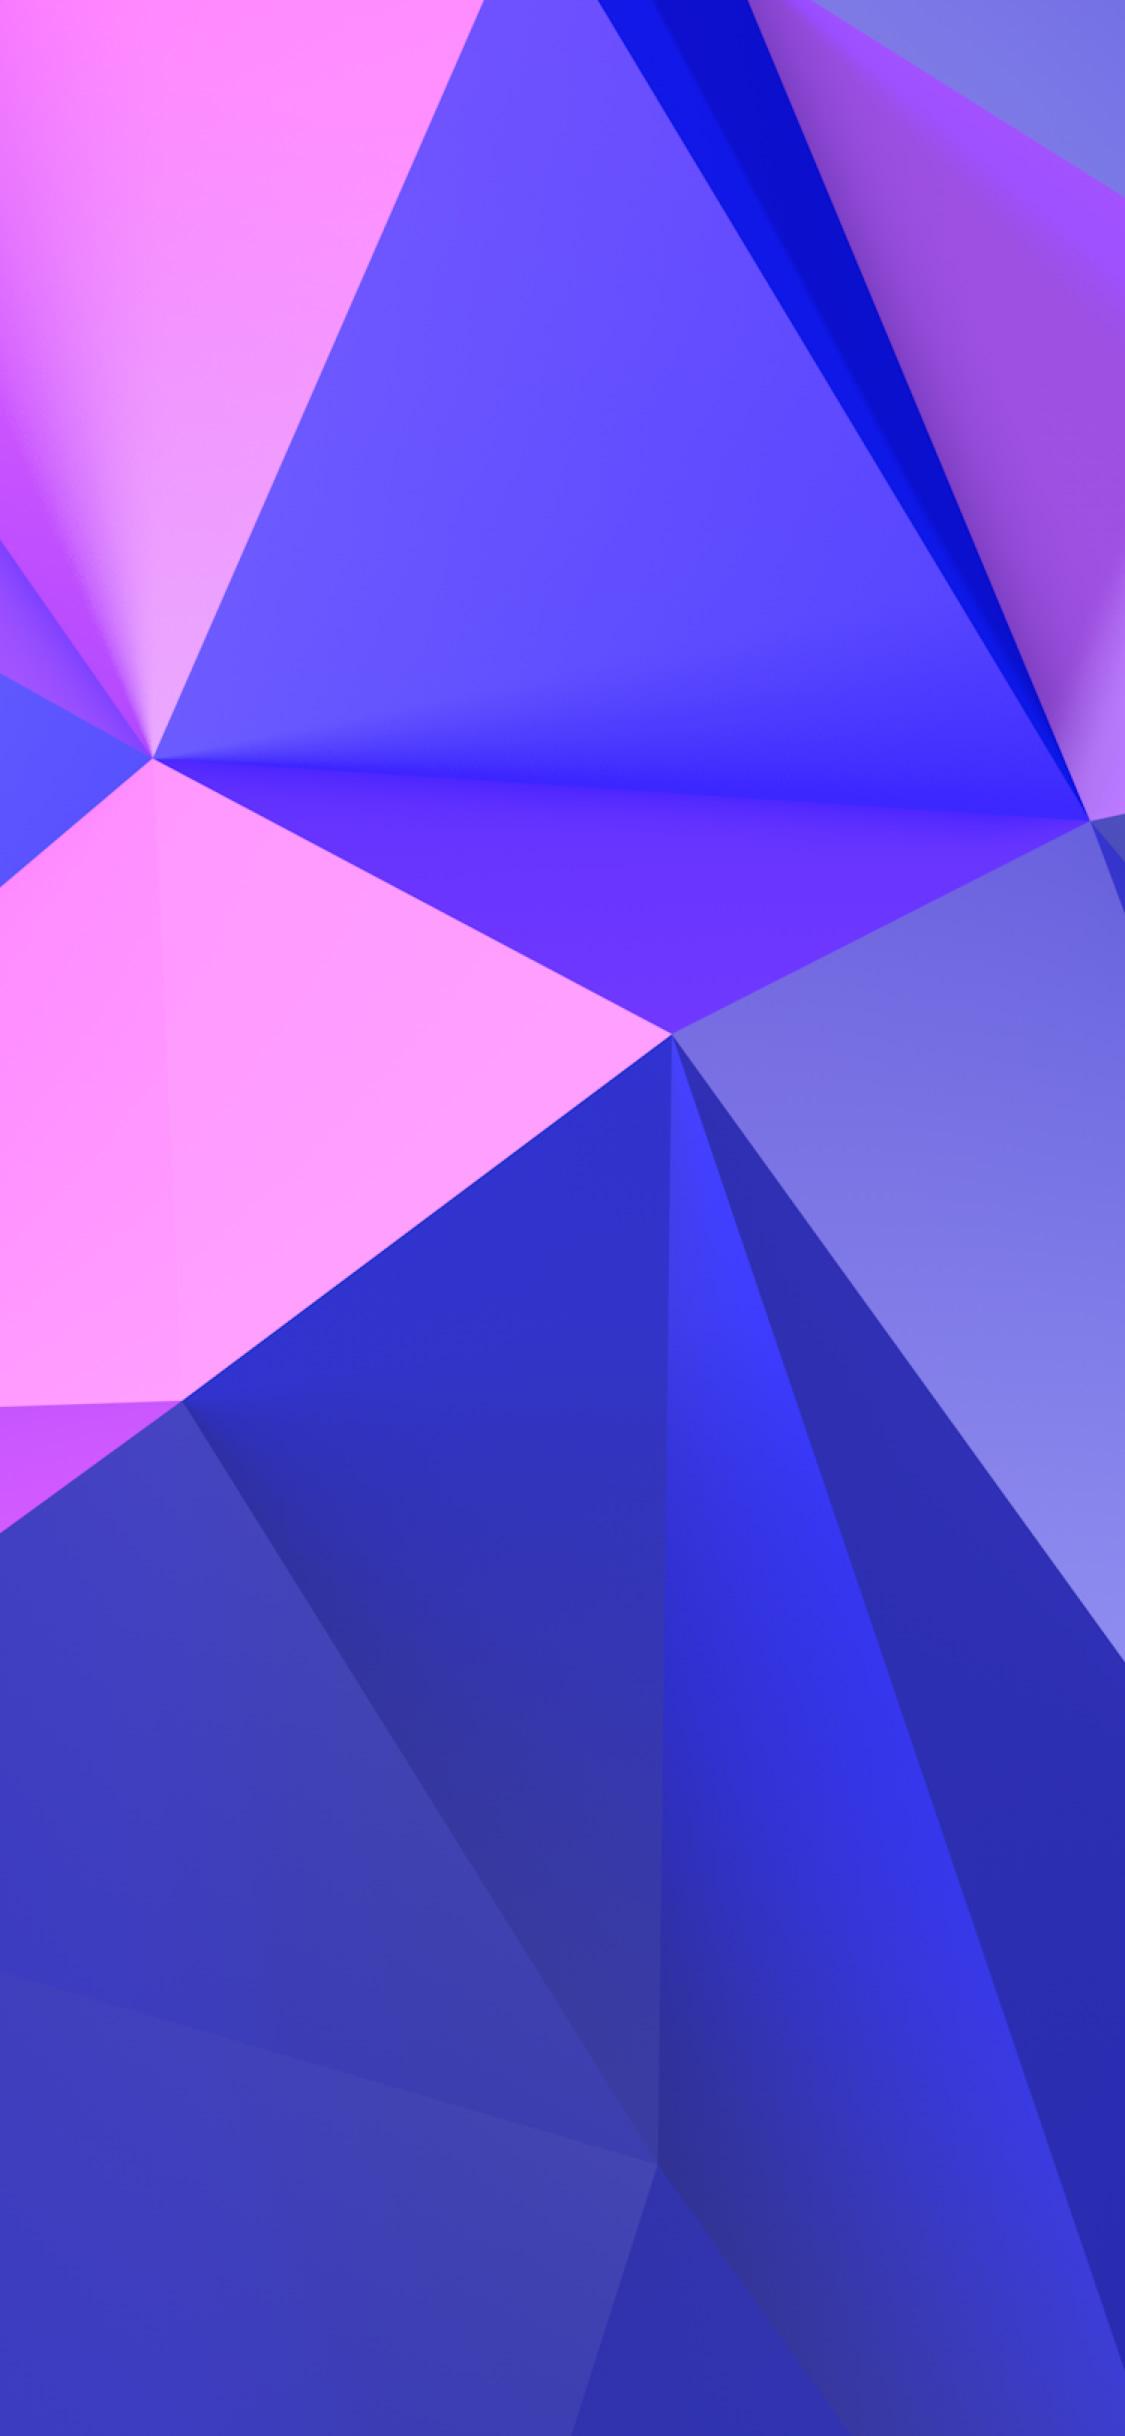 抽象パープル トライアングルiphone X Android壁紙 1125 2436